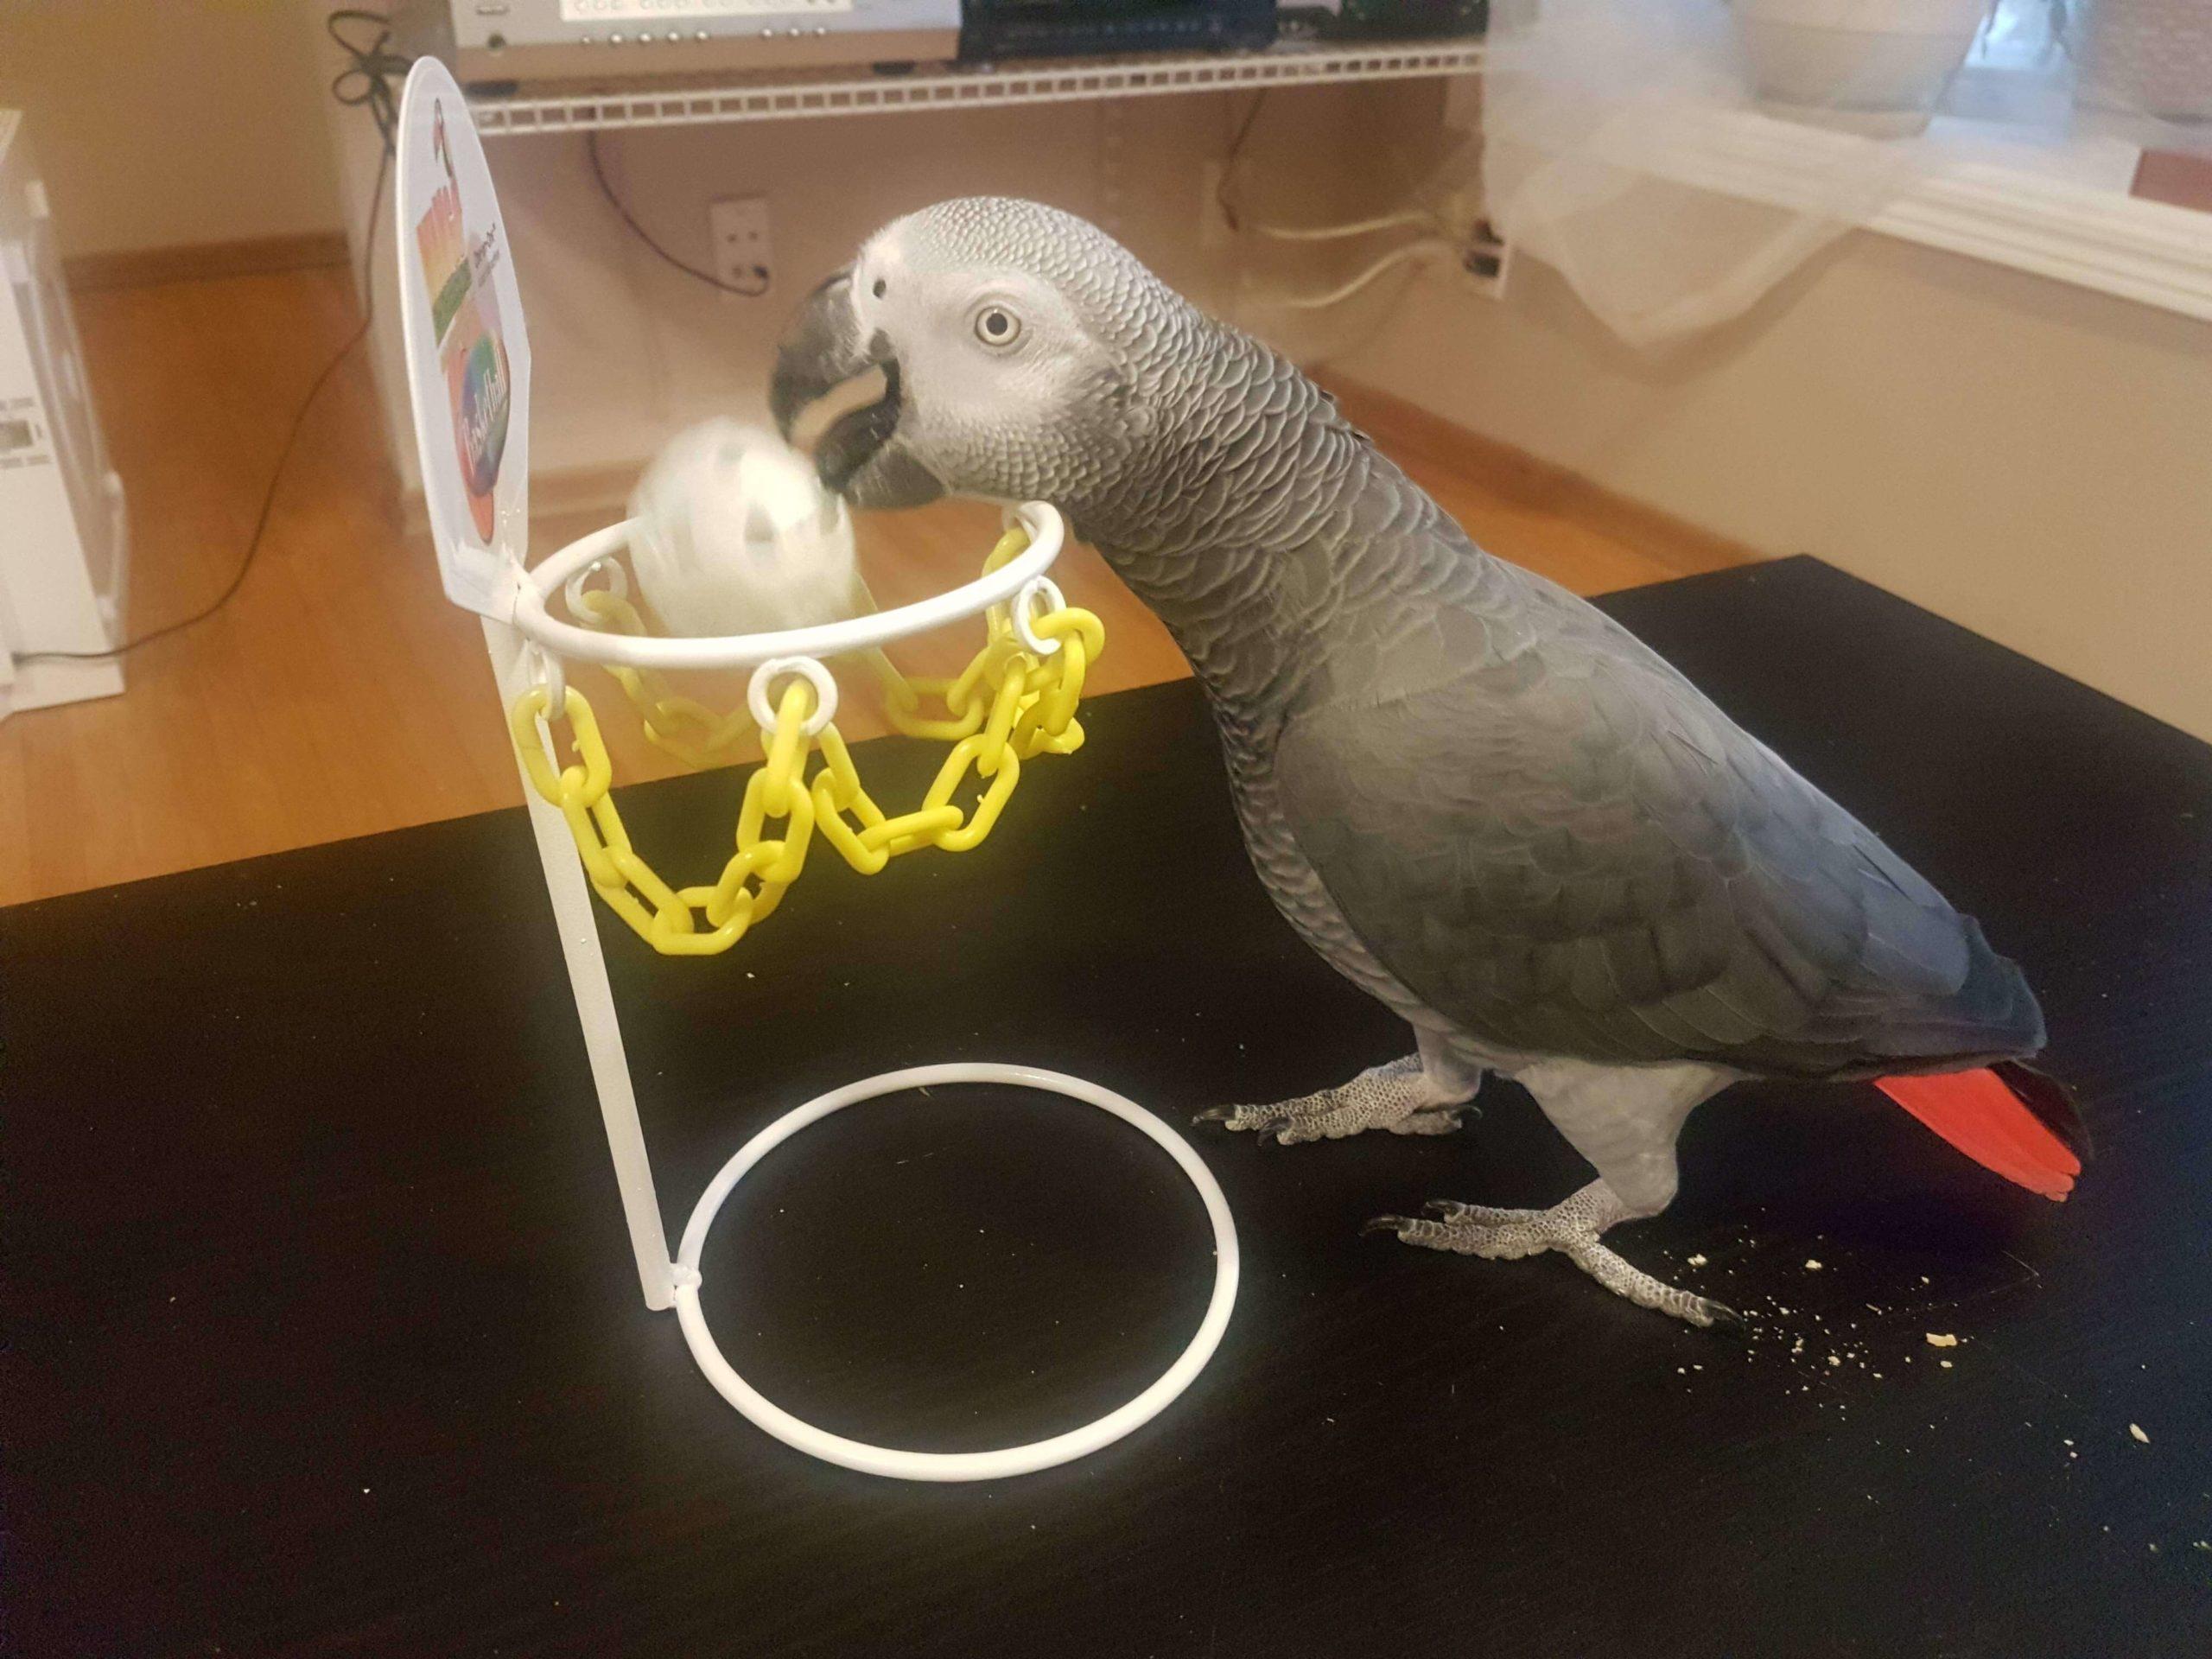 Bird School is a slam dunk!